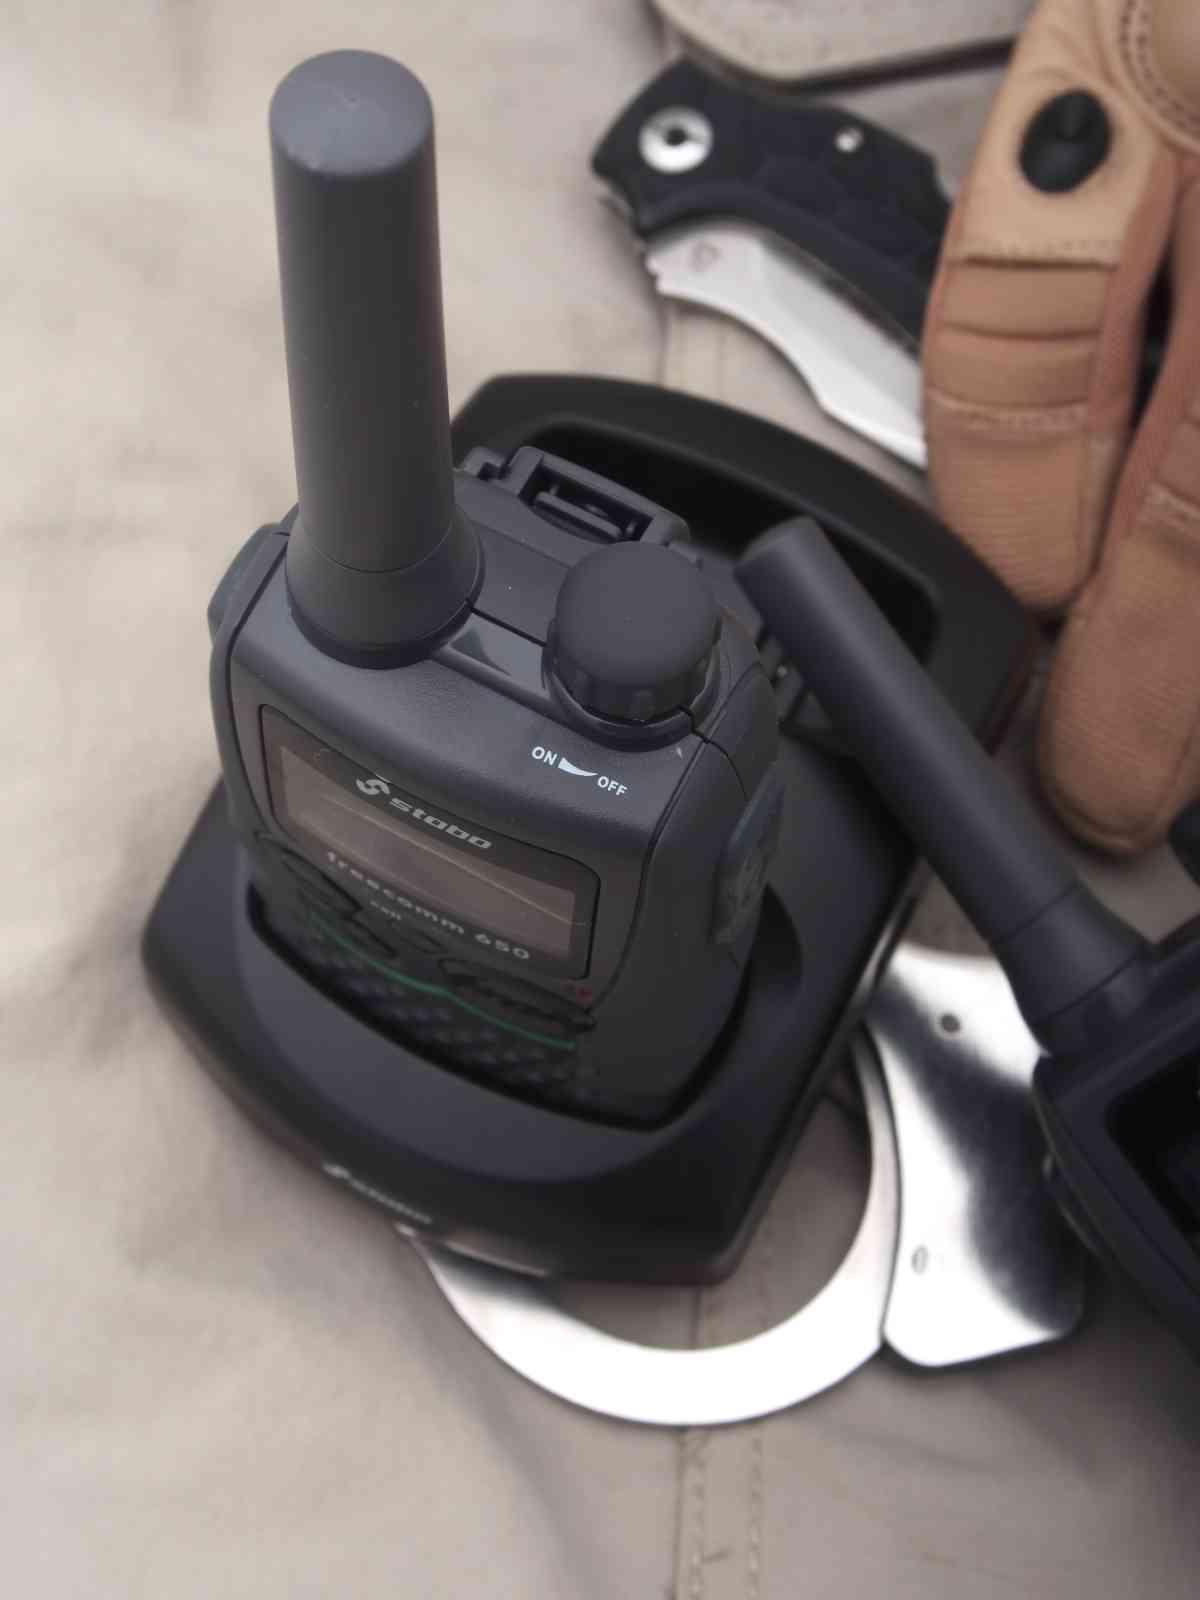 Stabo Freecomm 650 - Antenne und Lautstärkeregler